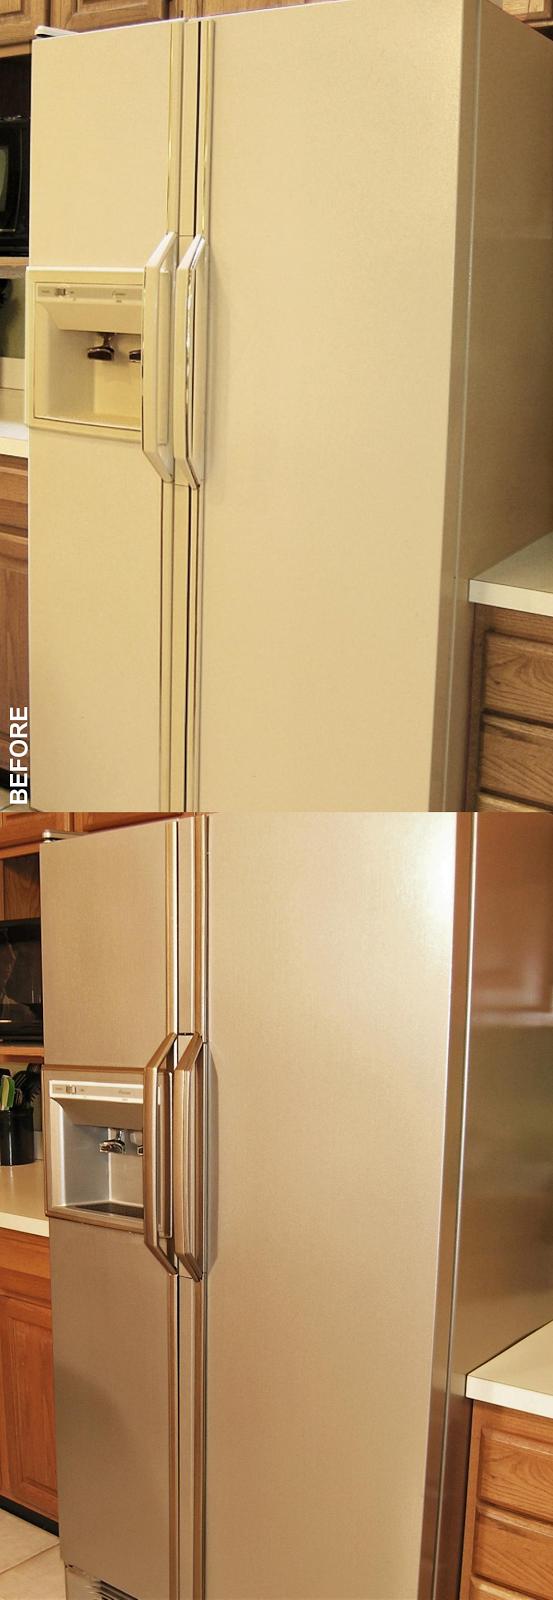 23Repaint your kitchen equipment